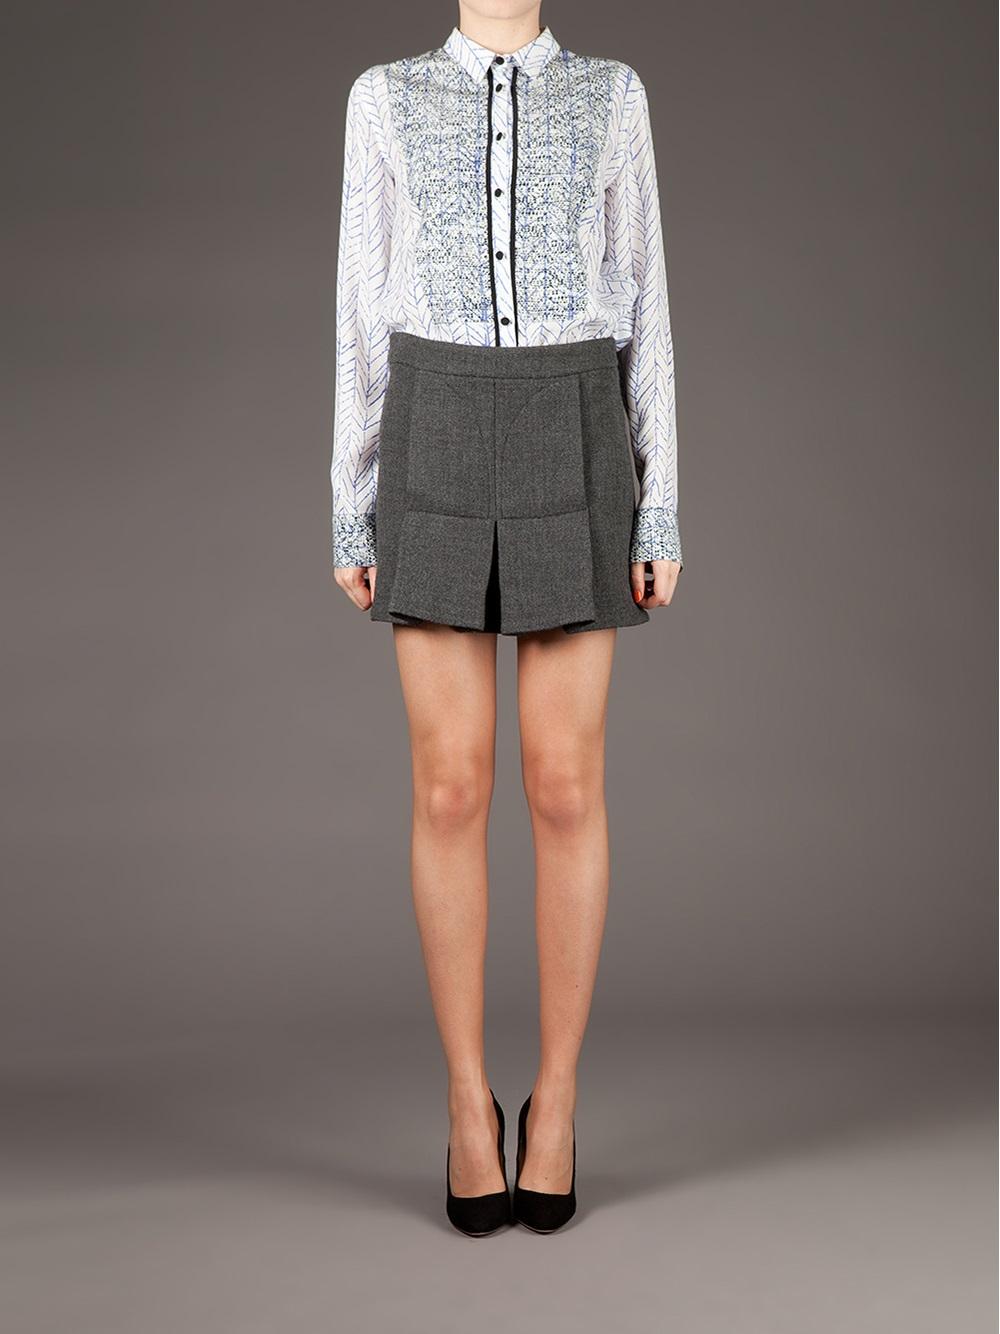 marni pleated mini skirt in gray lyst